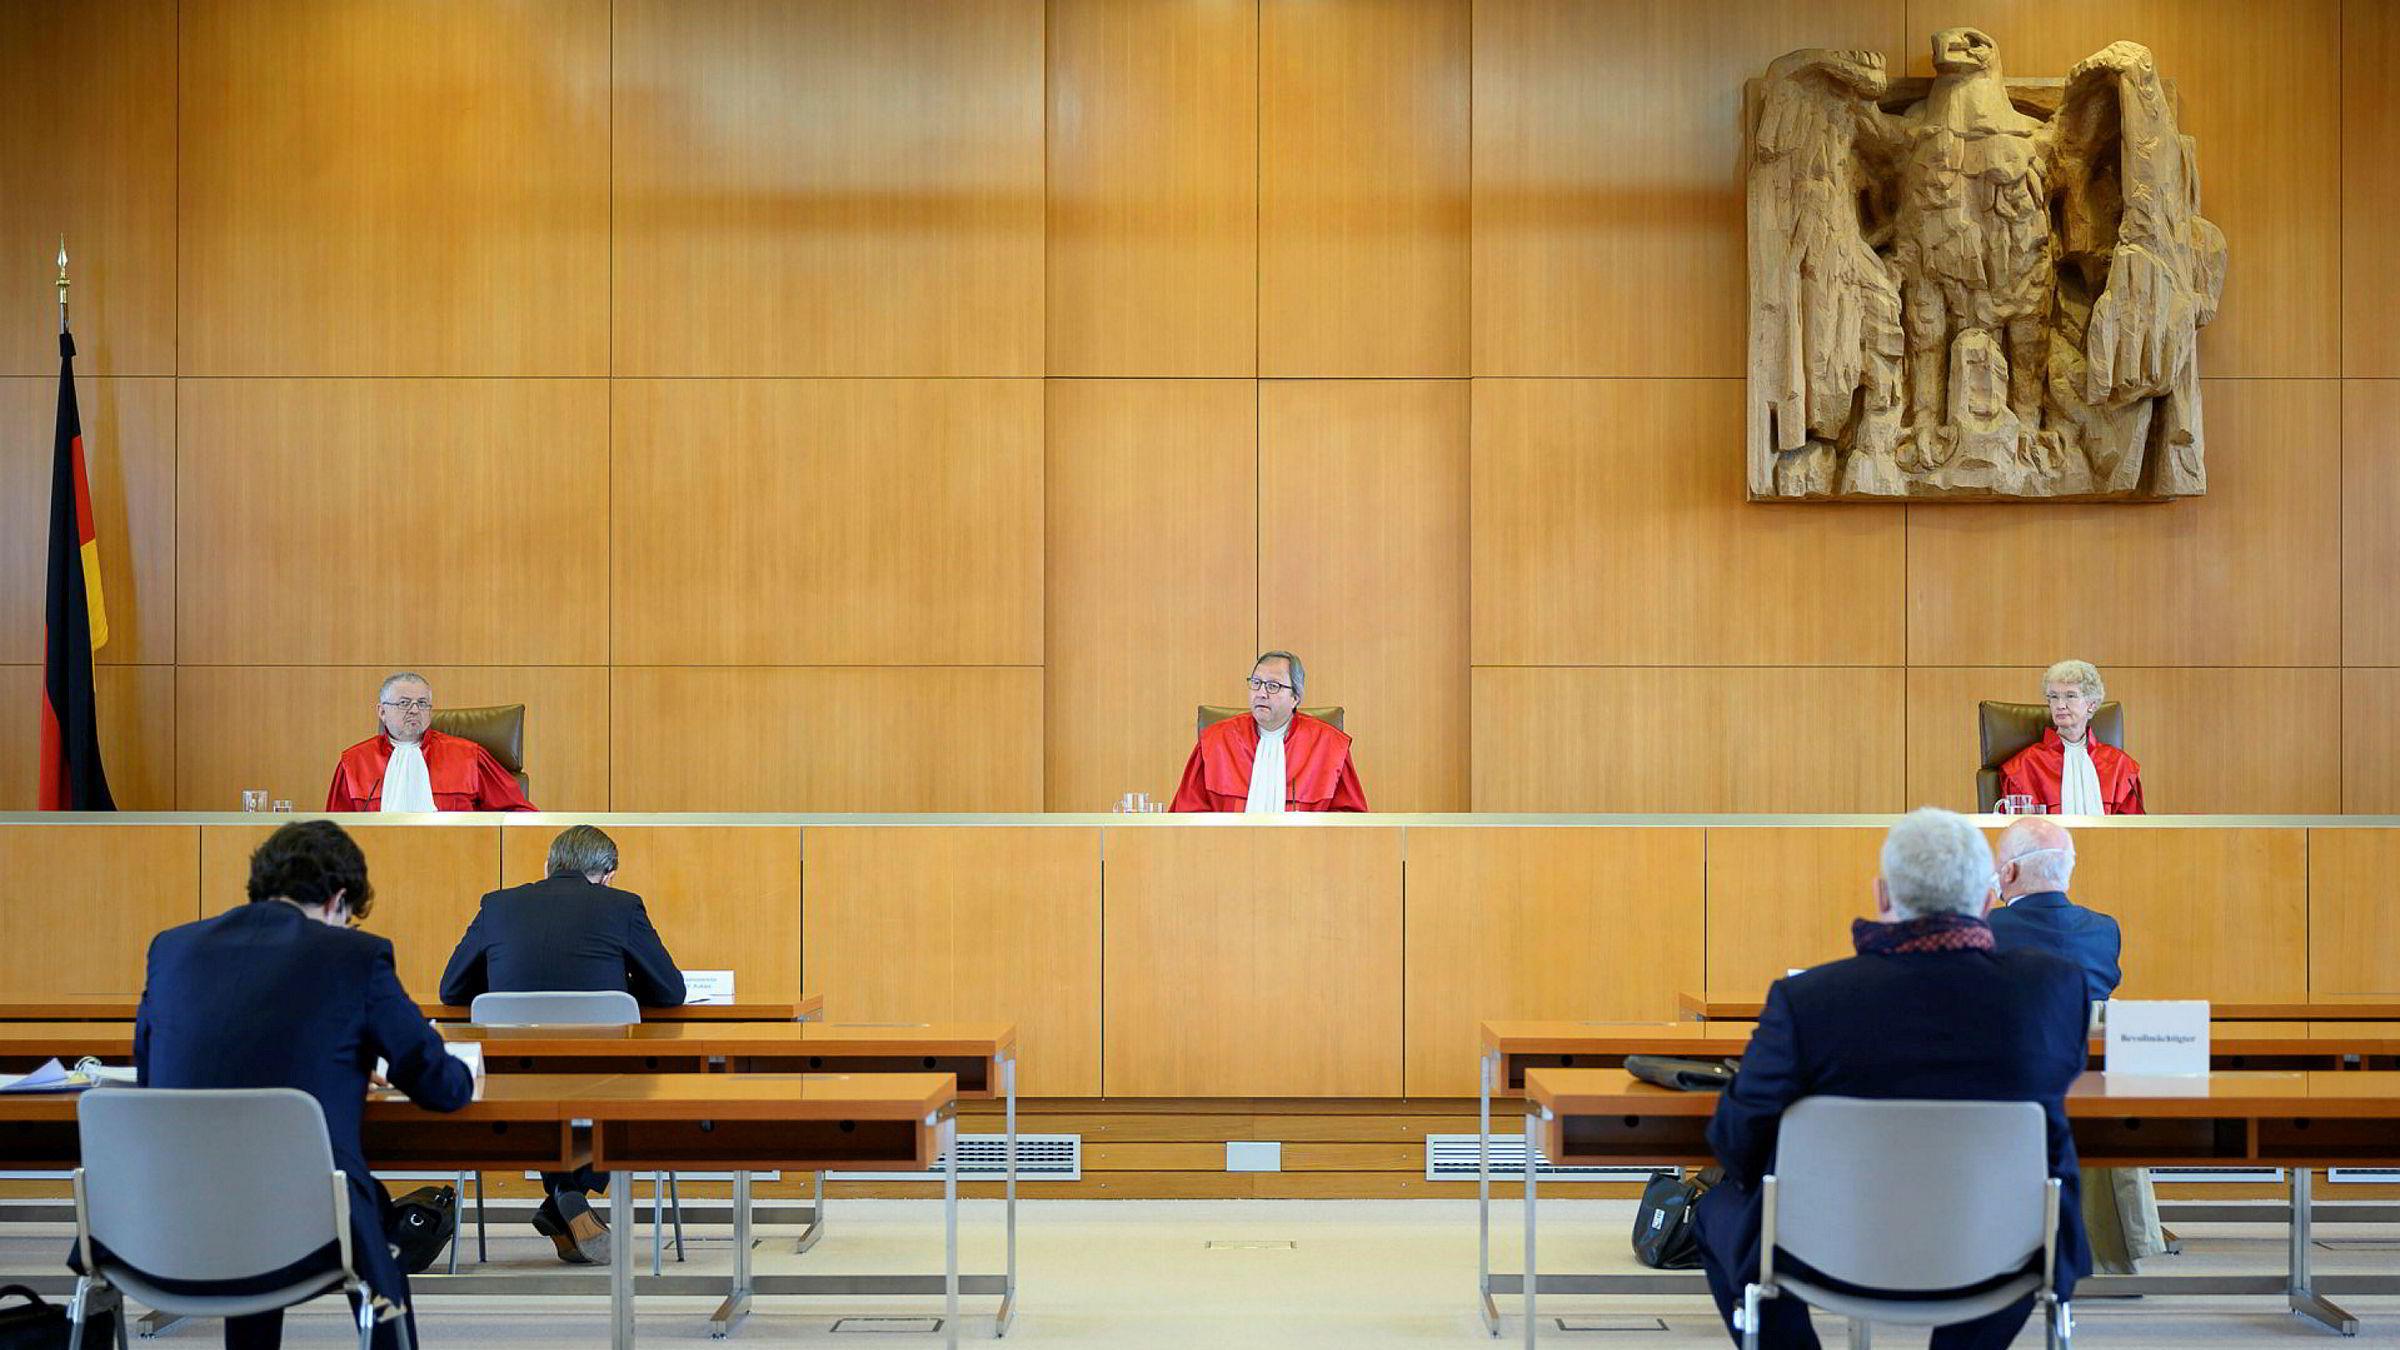 Tyske konstitusjonsdommere vil ikke la seg styre av EU, men vil selv være med på å styre den europeiske sentralbanken.